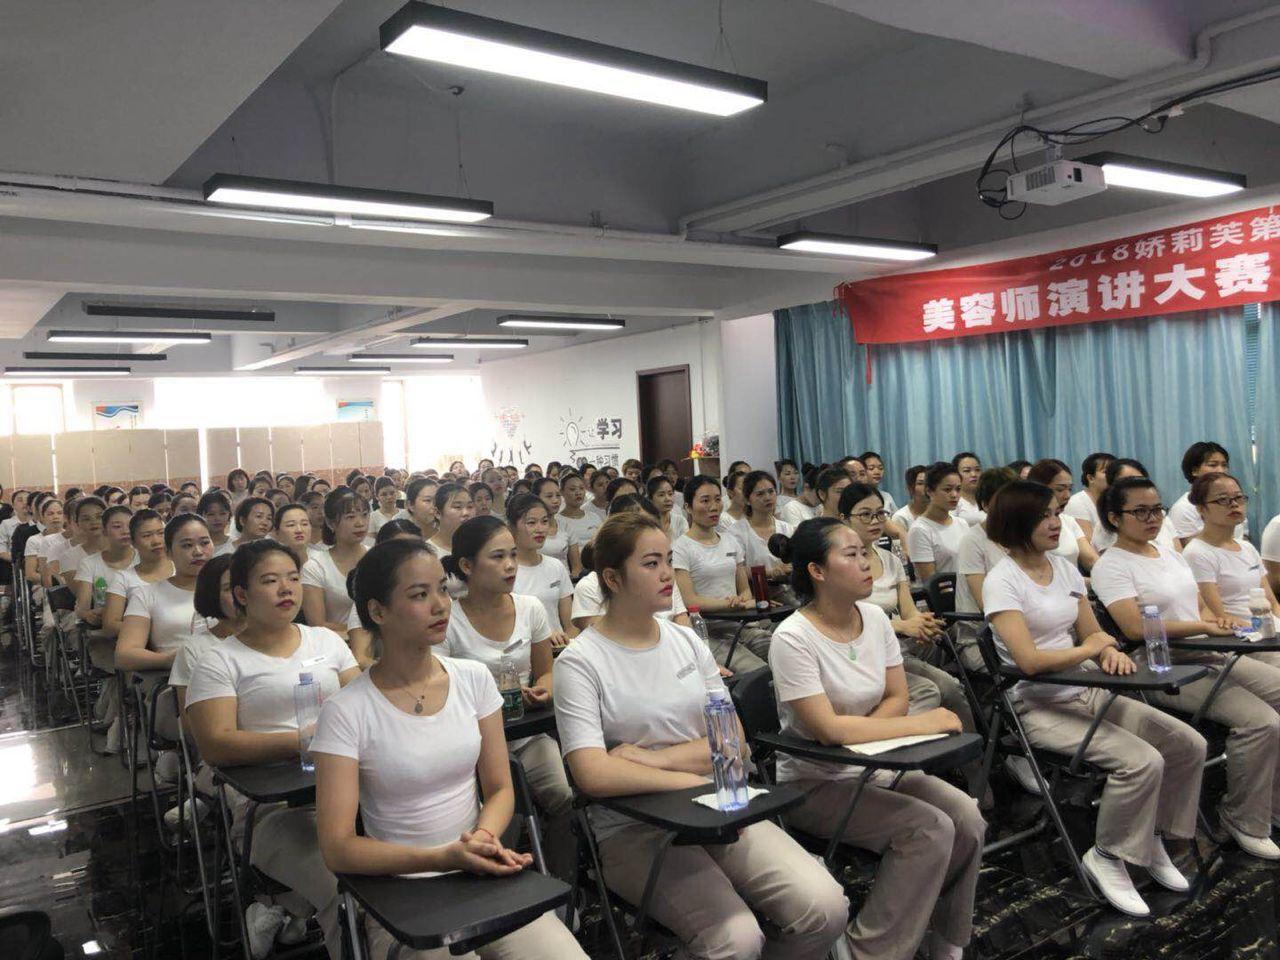 娇莉芙国际化妆品集团有限公司_才通国际人才网_job001.cn